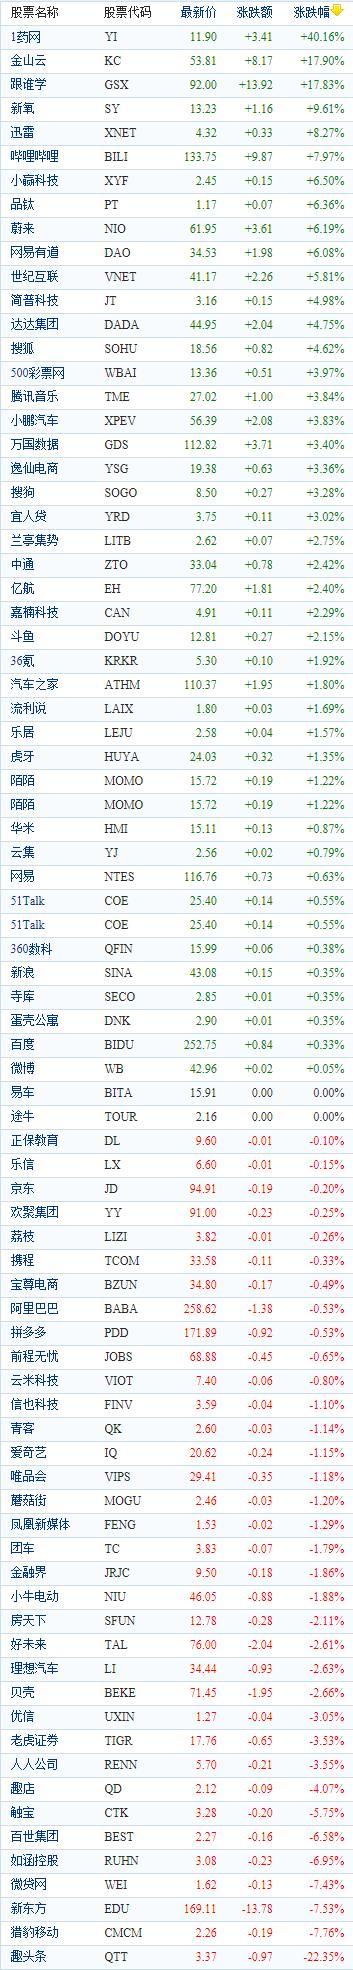 中国概念股周五收盘涨跌互现 1药网飙涨逾40%阿里拼多多齐走低